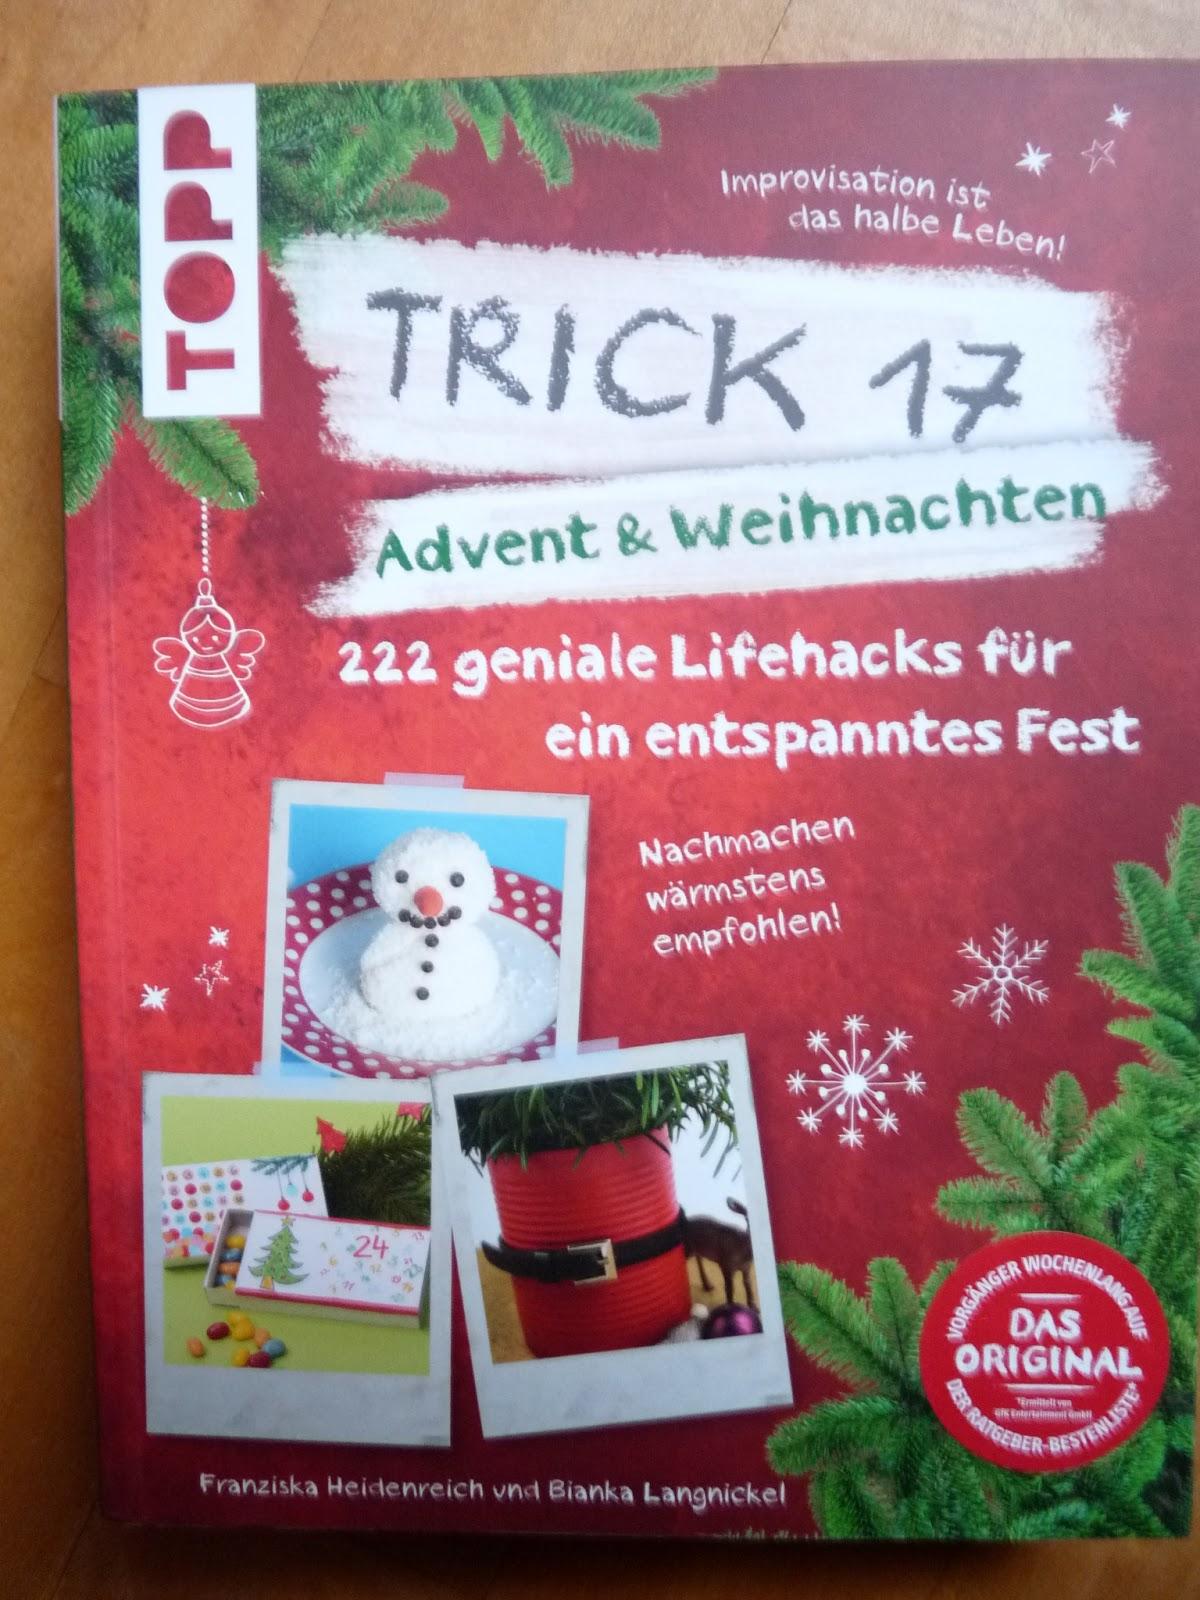 WERBUNG – Trick 17 Advent & Weihnachten – Muschelmaus